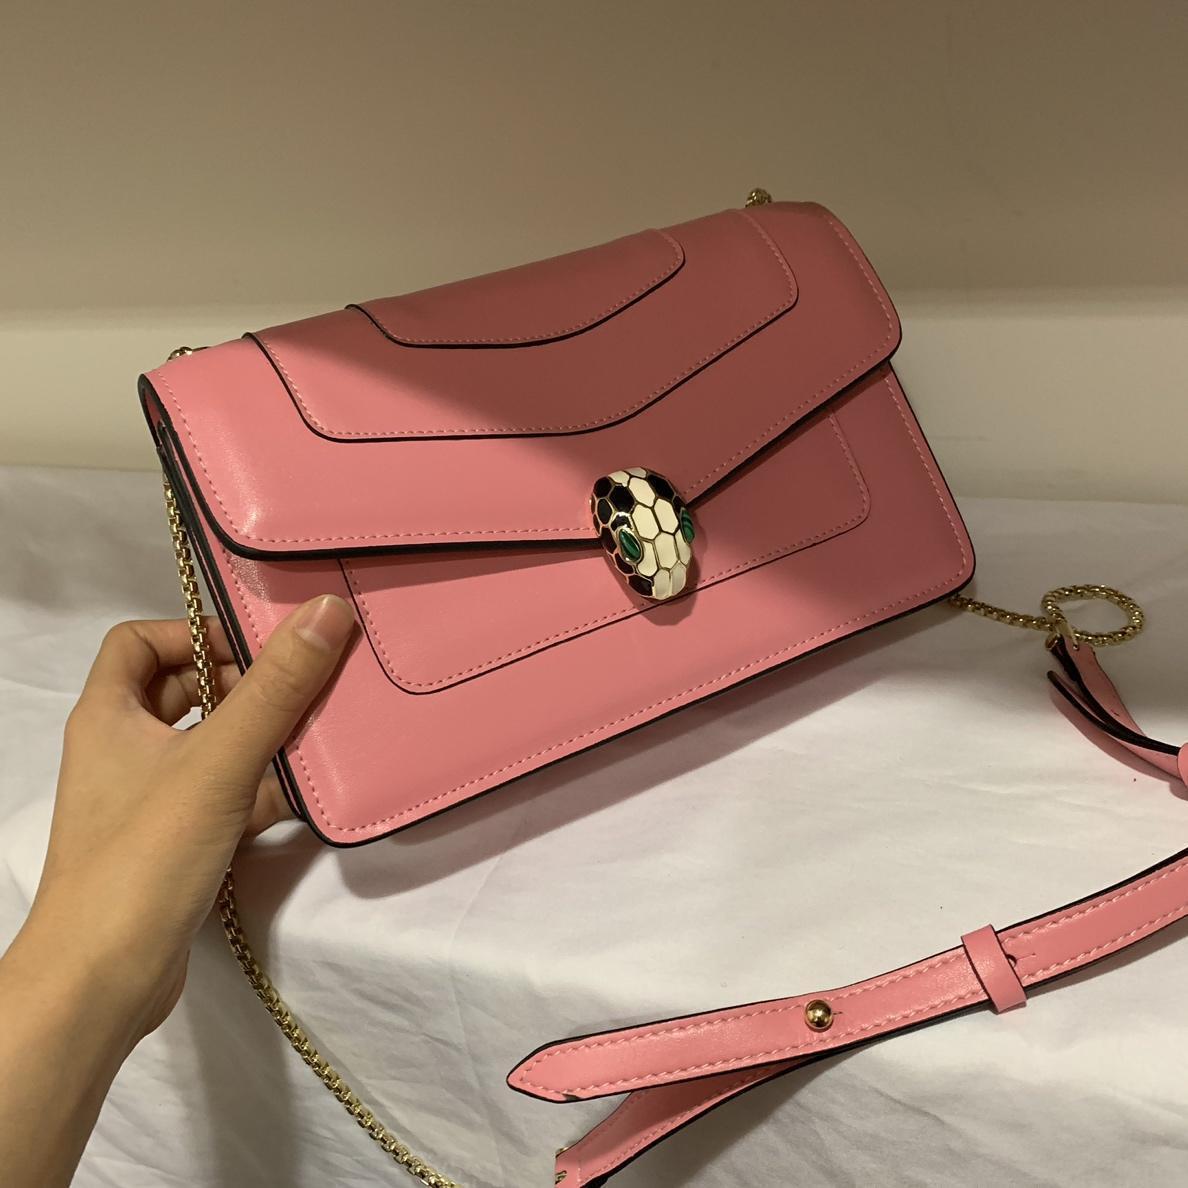 женские сумки кошельки классические Маленький квадратный пакет Цепная контрастная сумка через плечо модная сумка-джокер bv-12